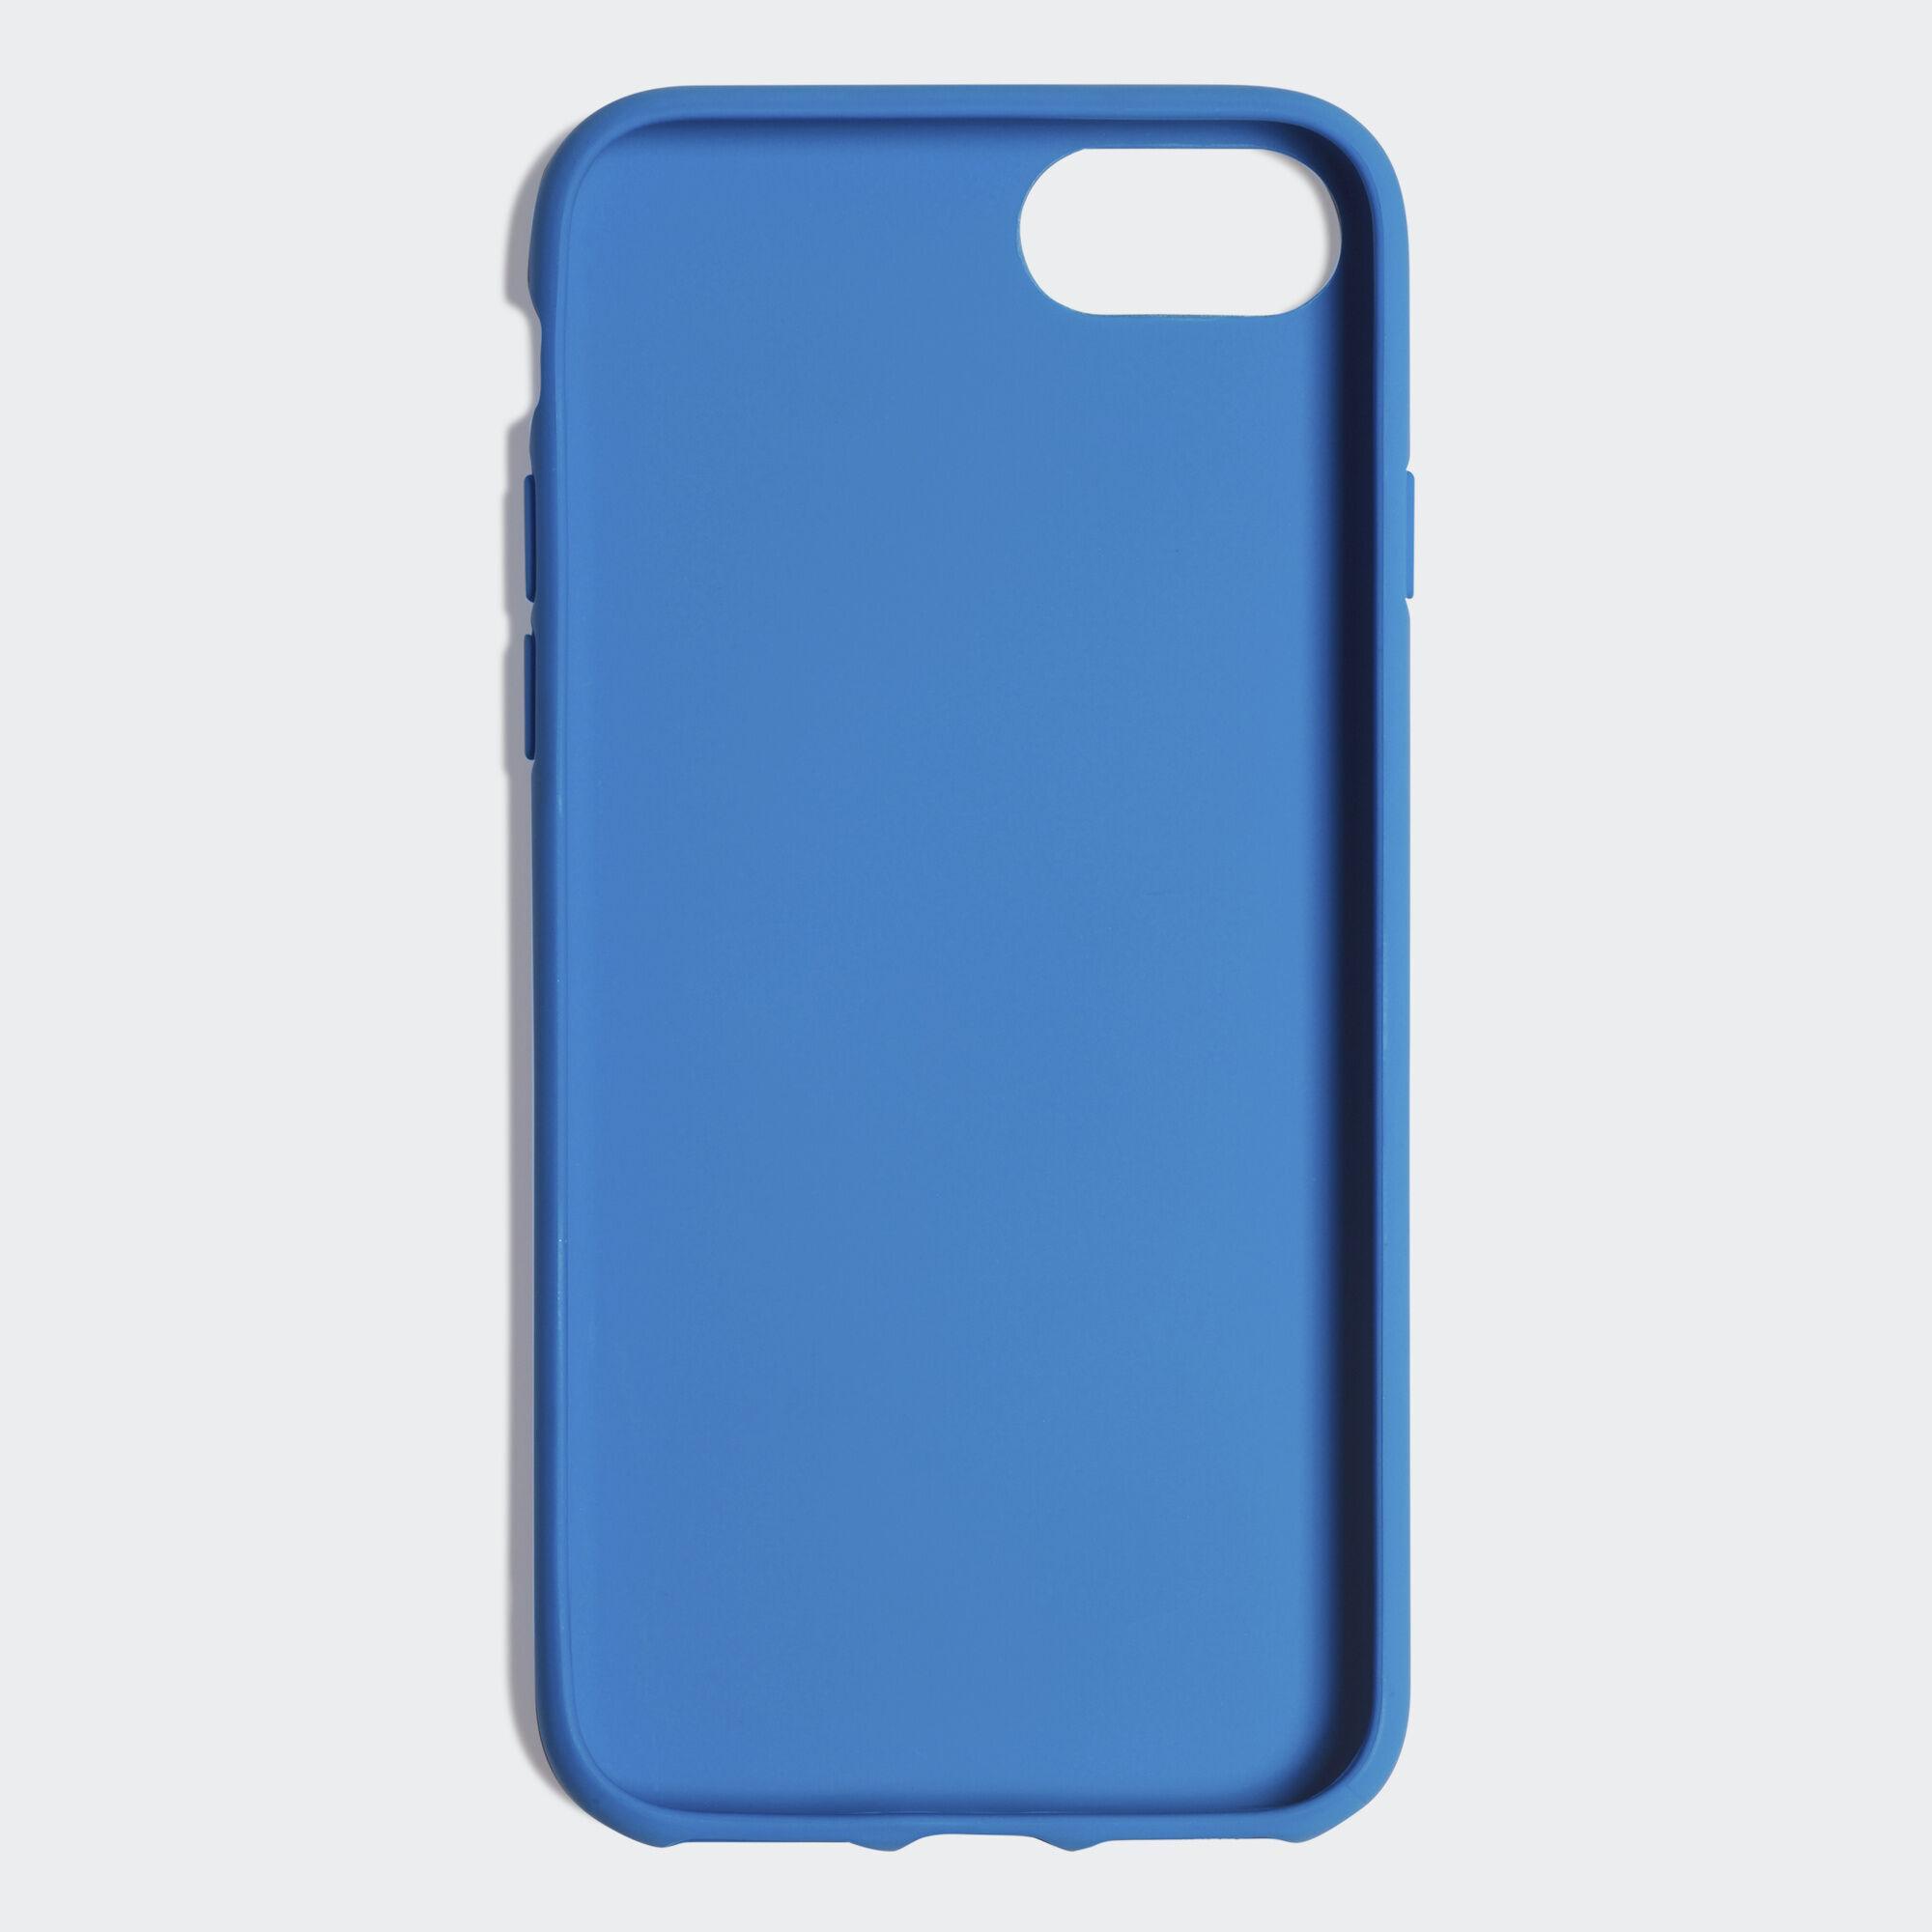 77e6afd8aa0 descuento más bajo funda para iphone 8 con mystic cat de mujer  de color azul - mundo-vivo.com